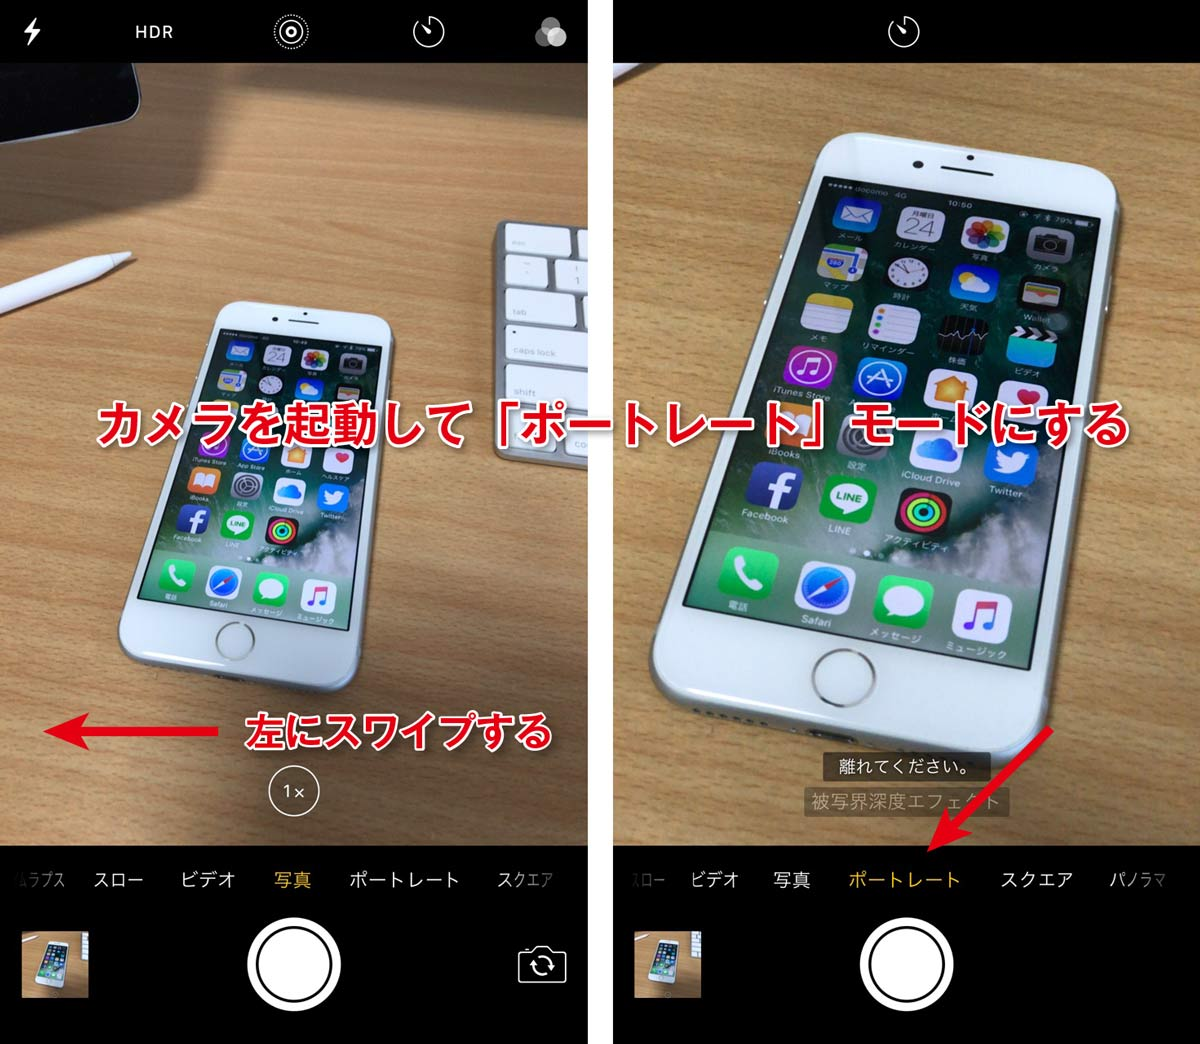 iPhone7 Plus ポートレートモードに切り替える